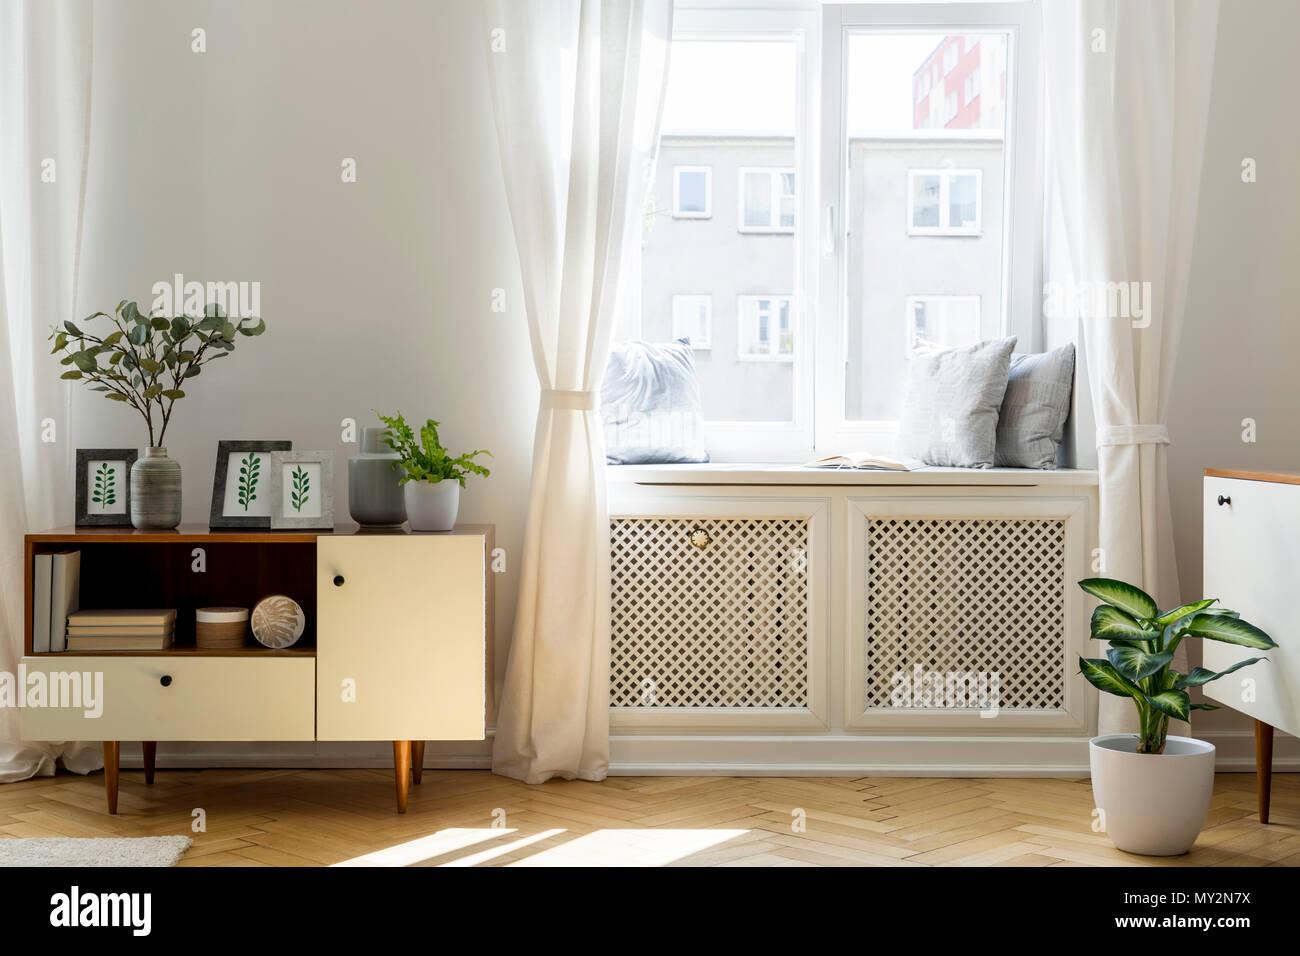 Impianto sulla credenza in legno bianco in salotto interno con